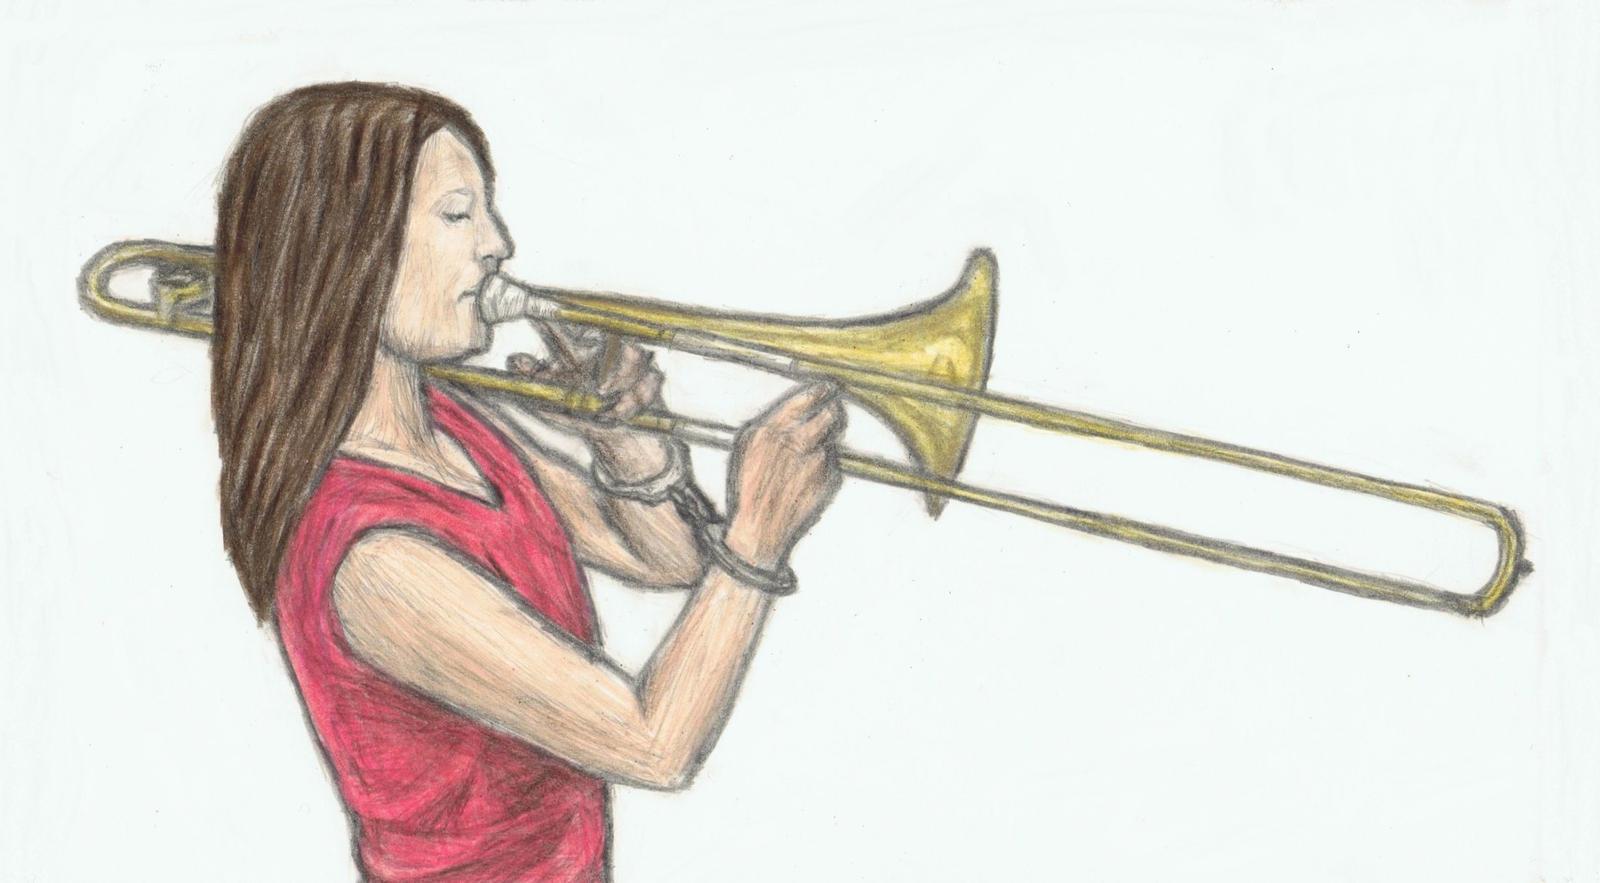 Handcuffed trombone player by gagambo